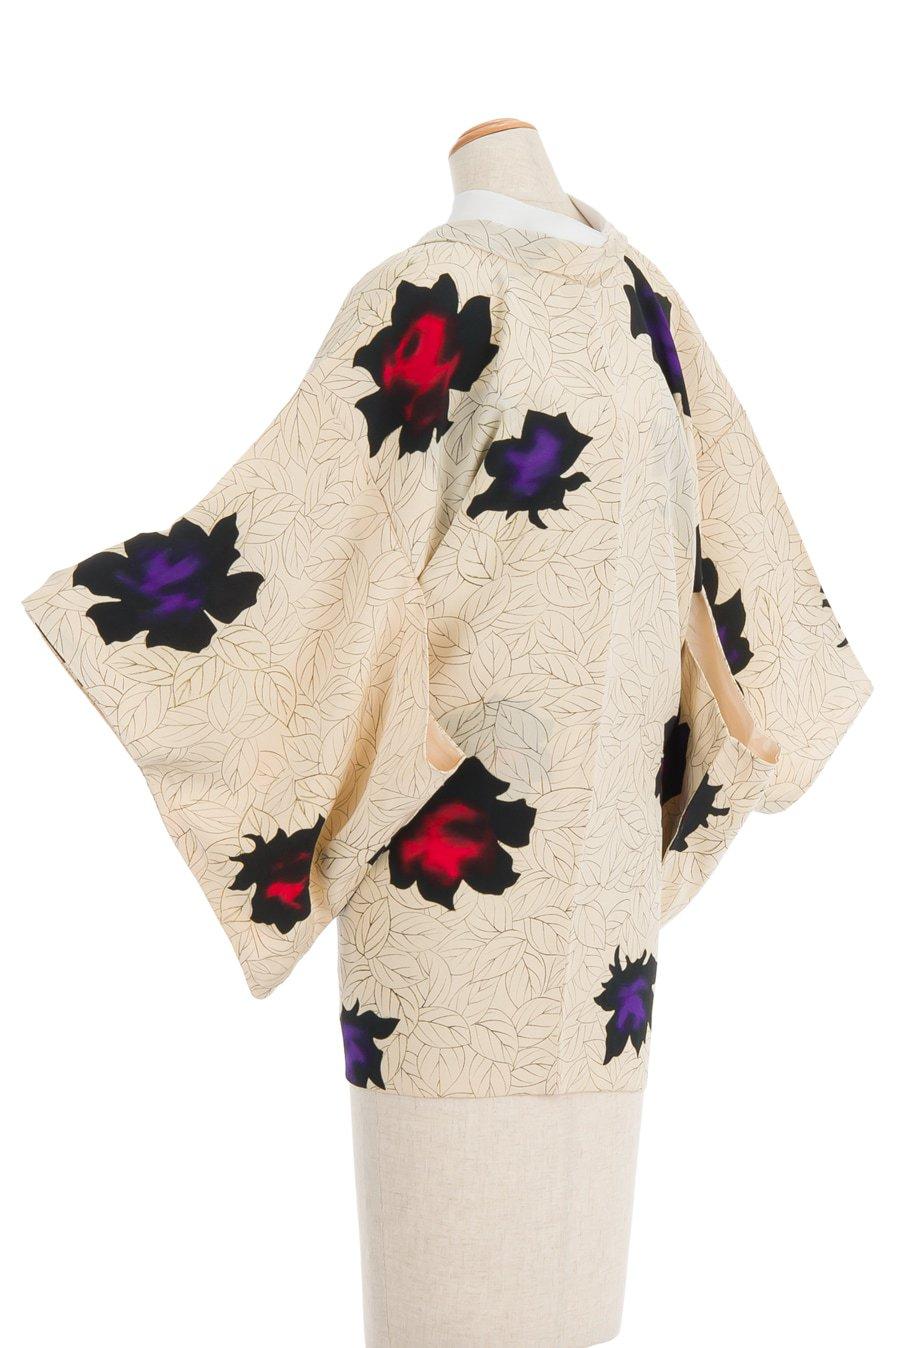 「アンティーク着物 黒薔薇」の商品画像